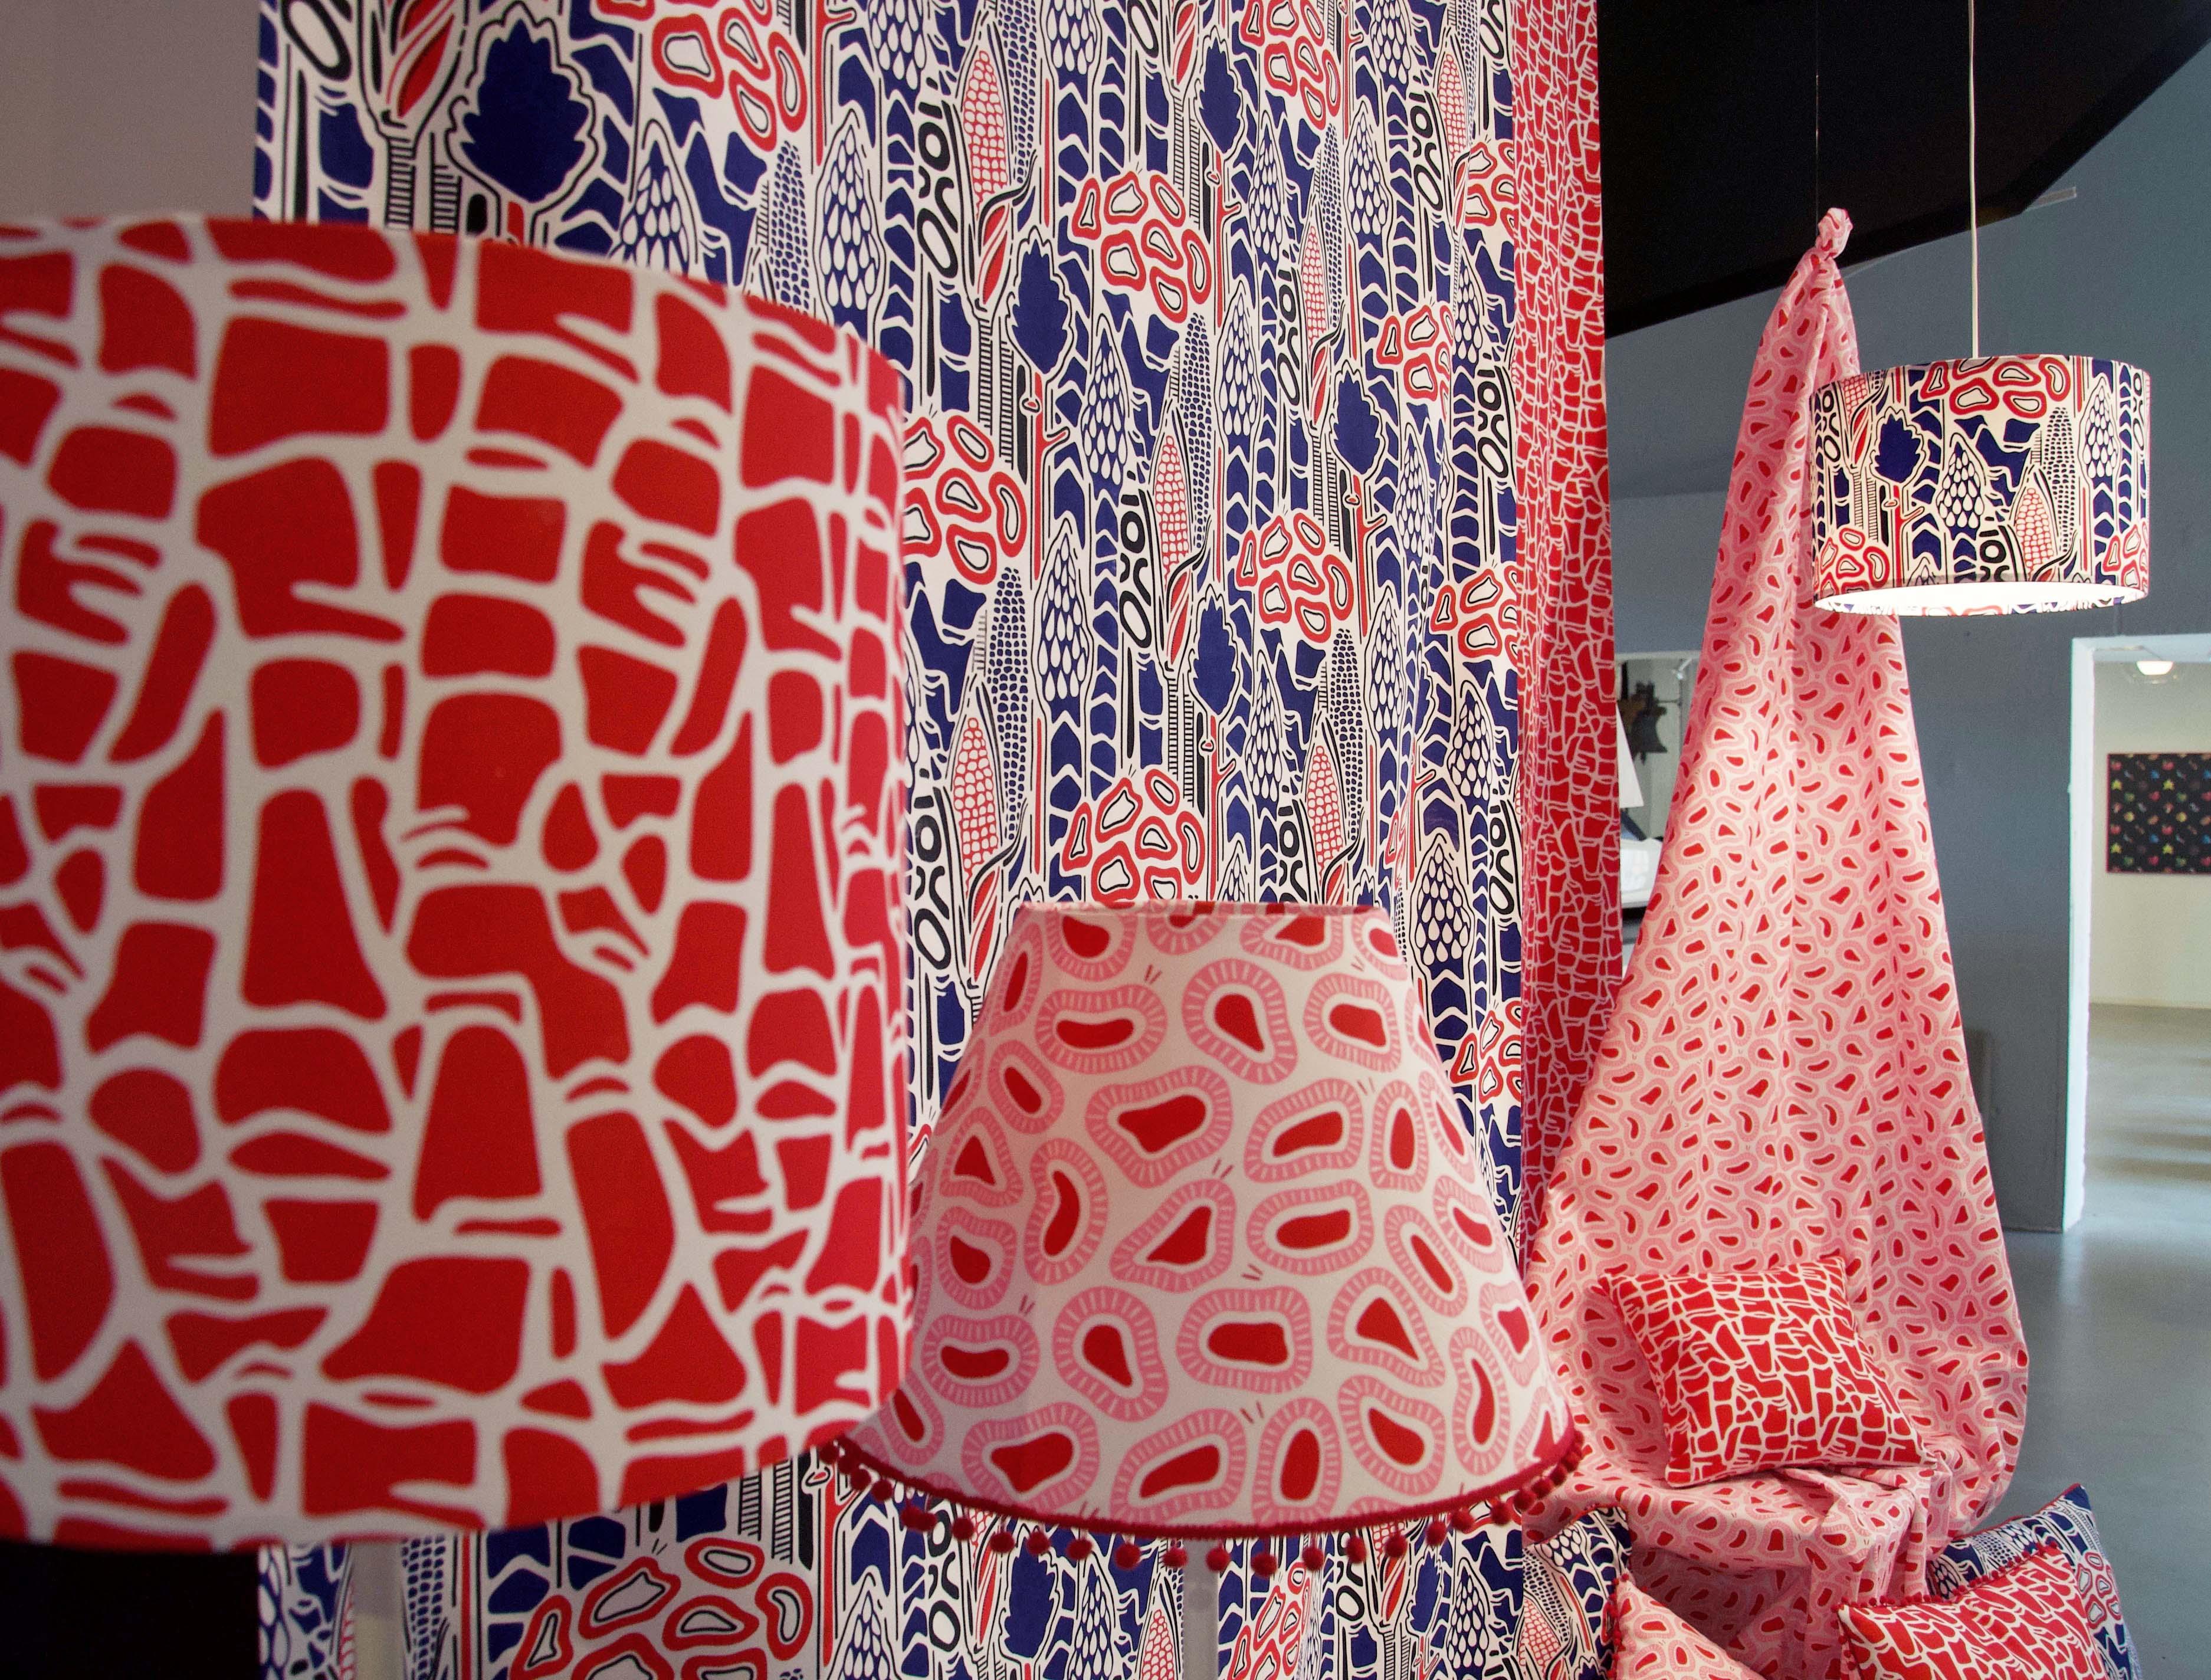 mönsterdesign och grafiska tekniker på textil